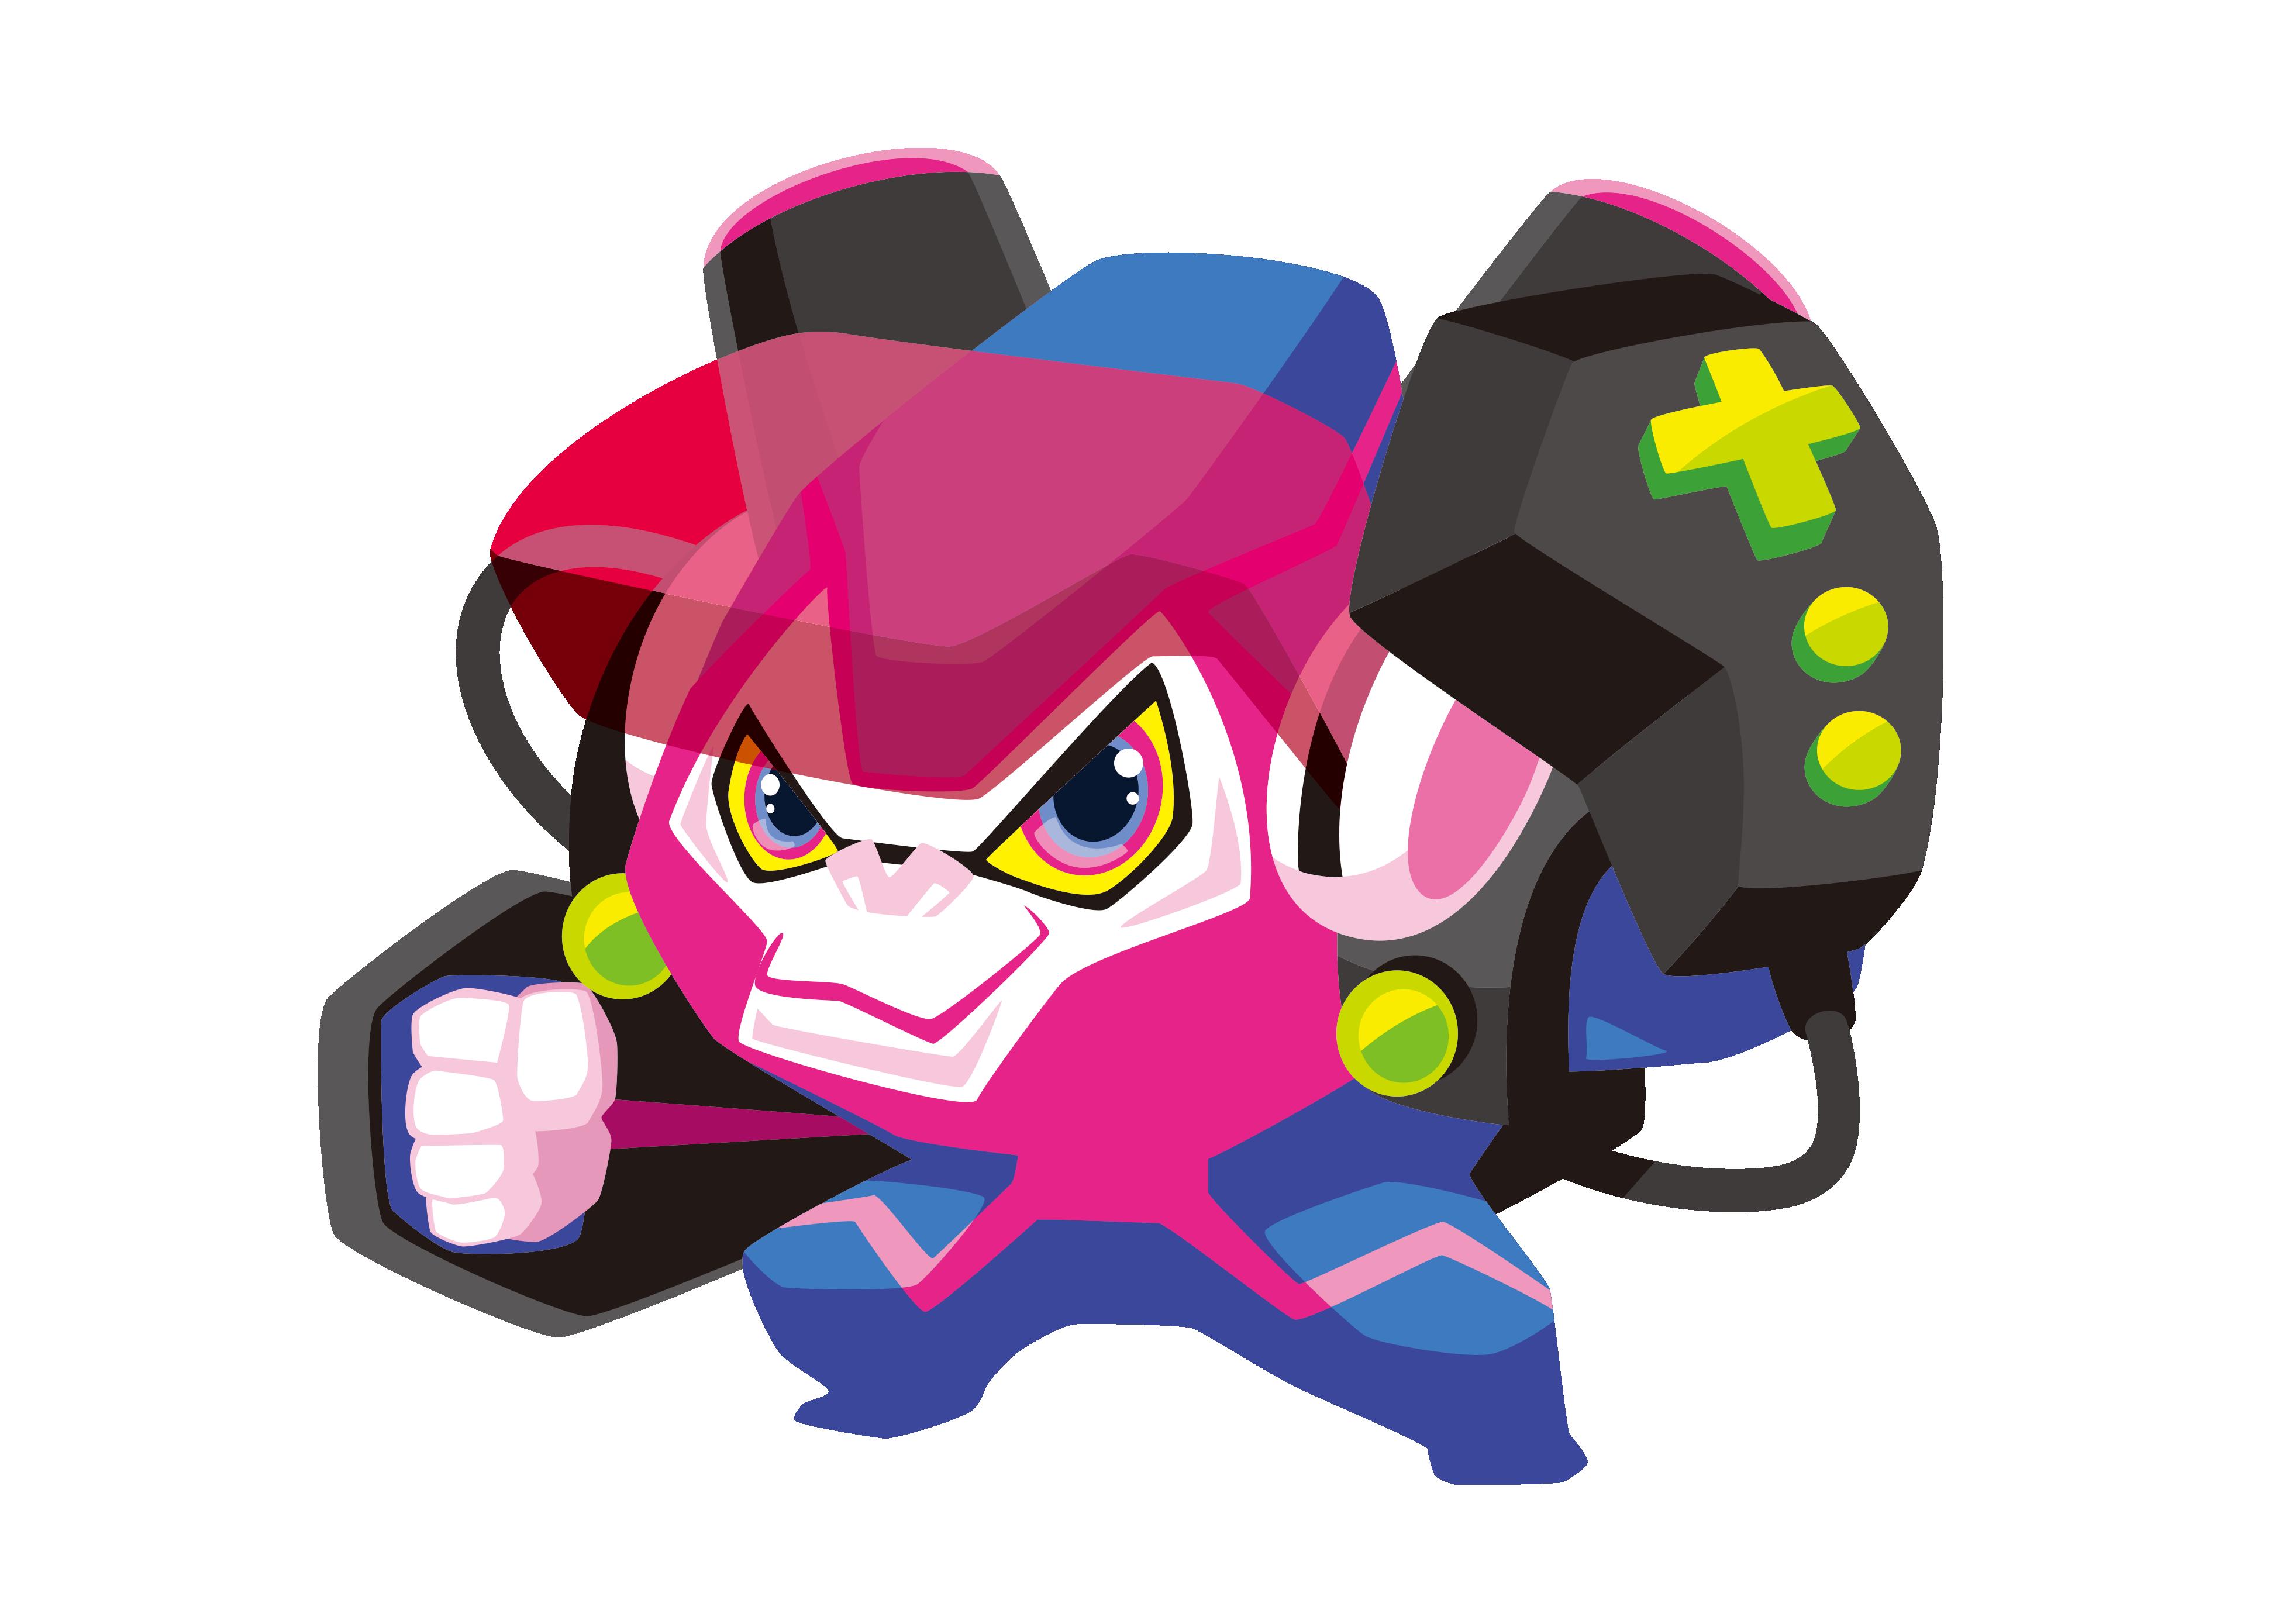 esports projectマスコットキャラクター「イースラ」が誕生!&新ゲームタイトルを追加 -- 大阪電気通信大学